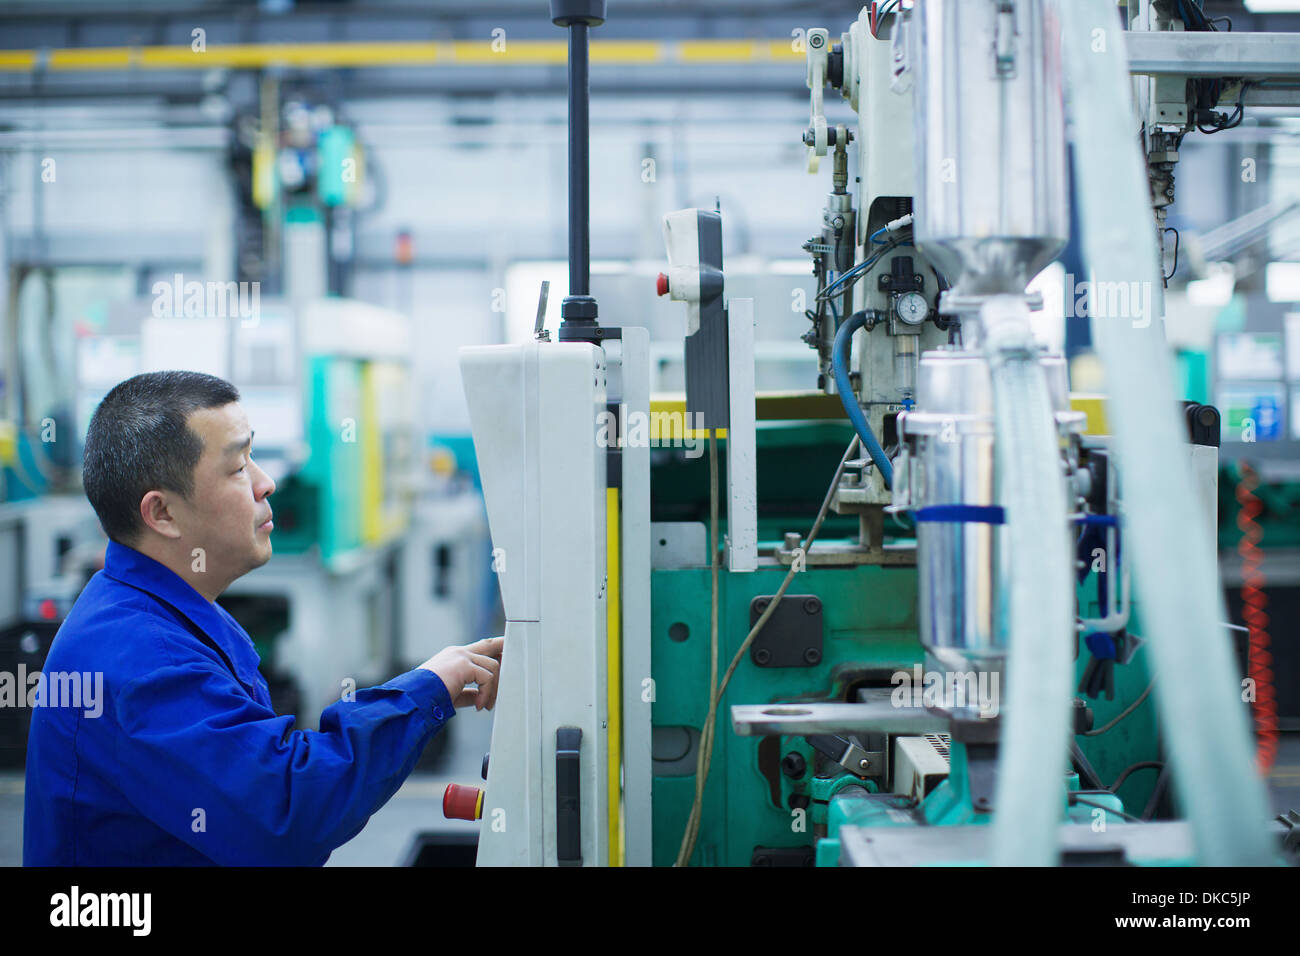 Lavoratore in piccole parti di stabilimento di produzione in Cina, premendo il pulsante sul pannello di controllo Immagini Stock